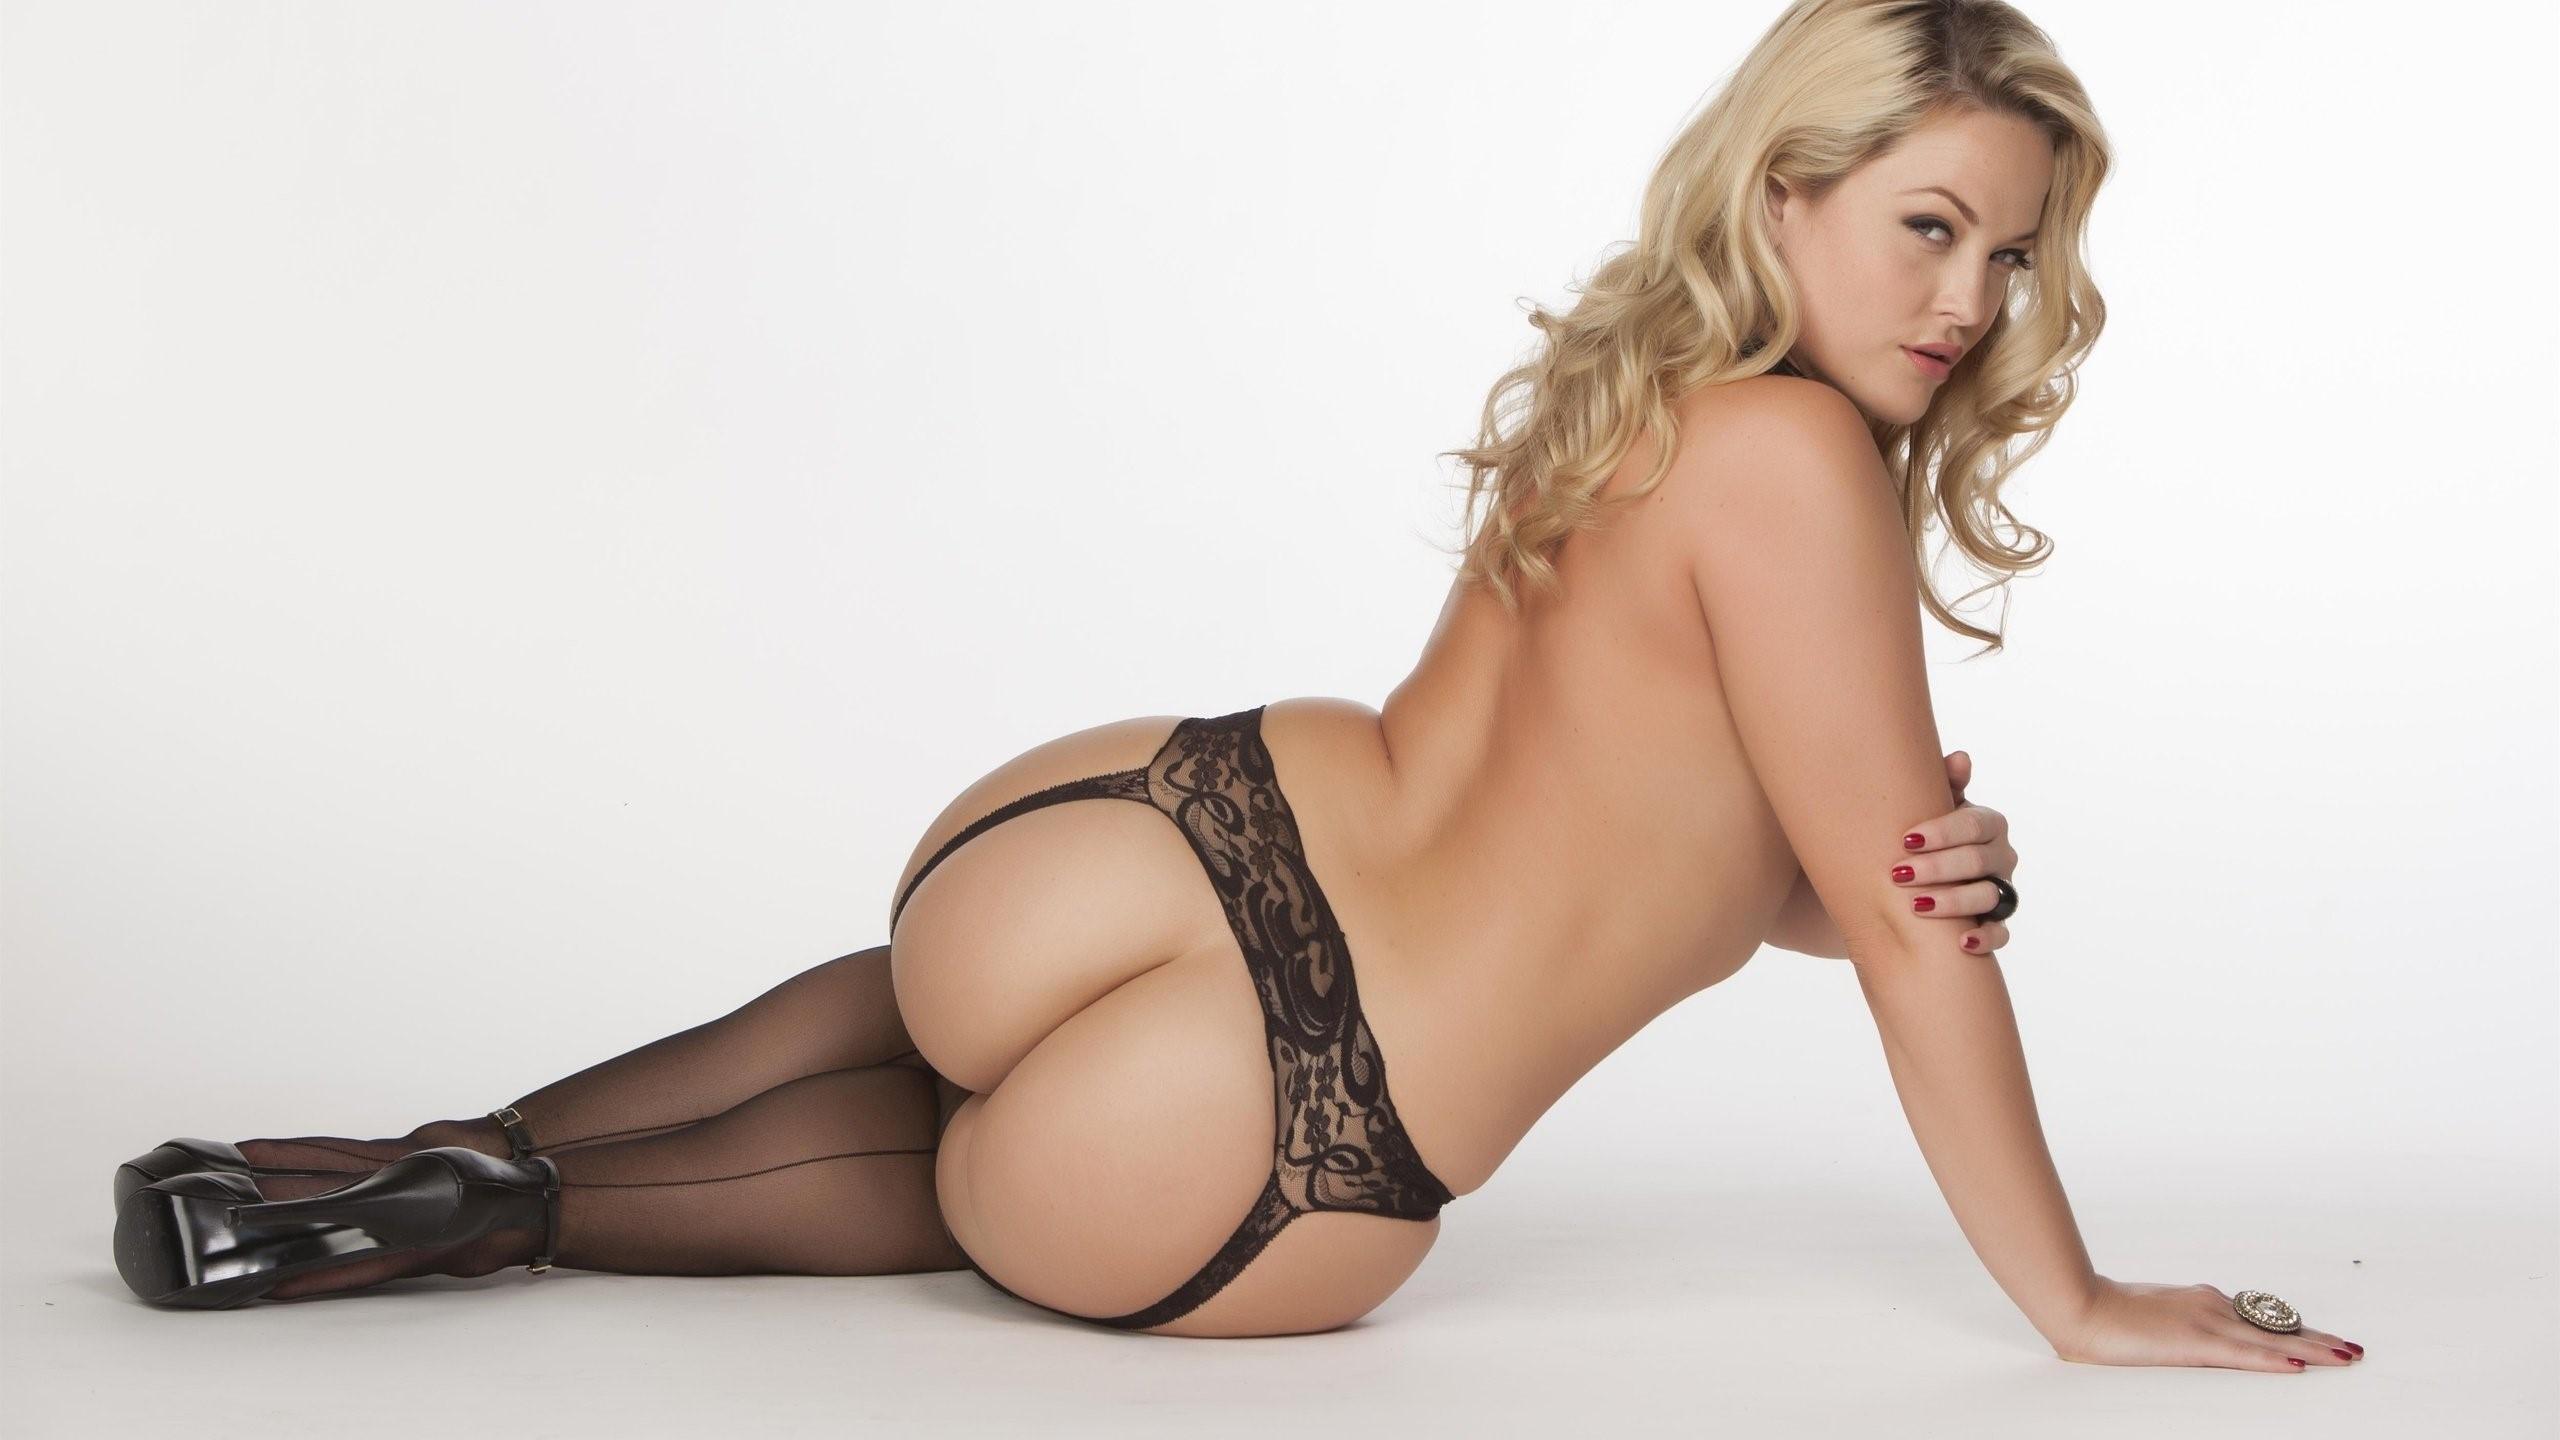 Alexis Texas Nude